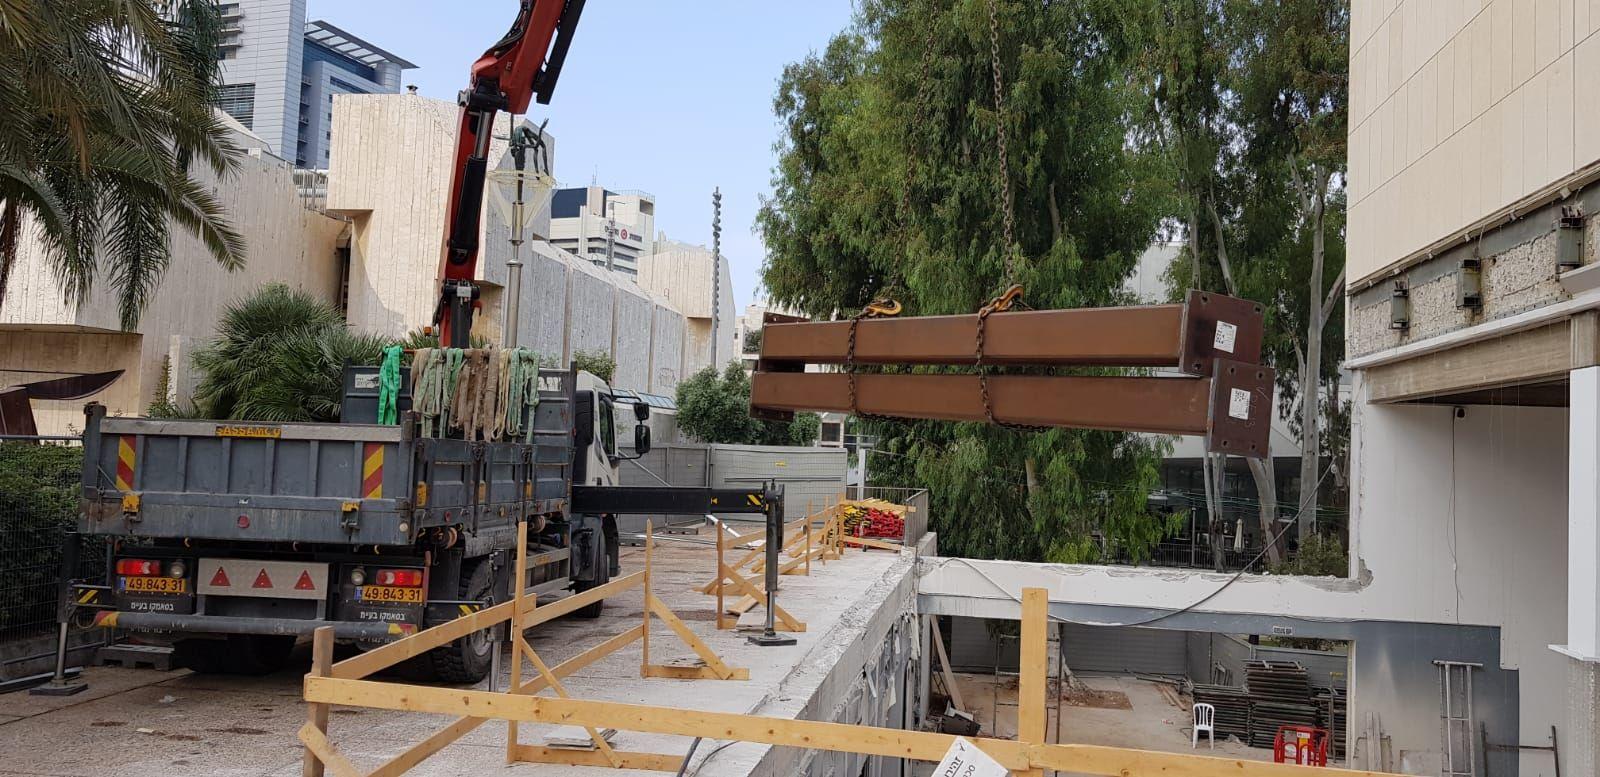 מוזיאון תל אביב לאמנות תמונה מספר 12